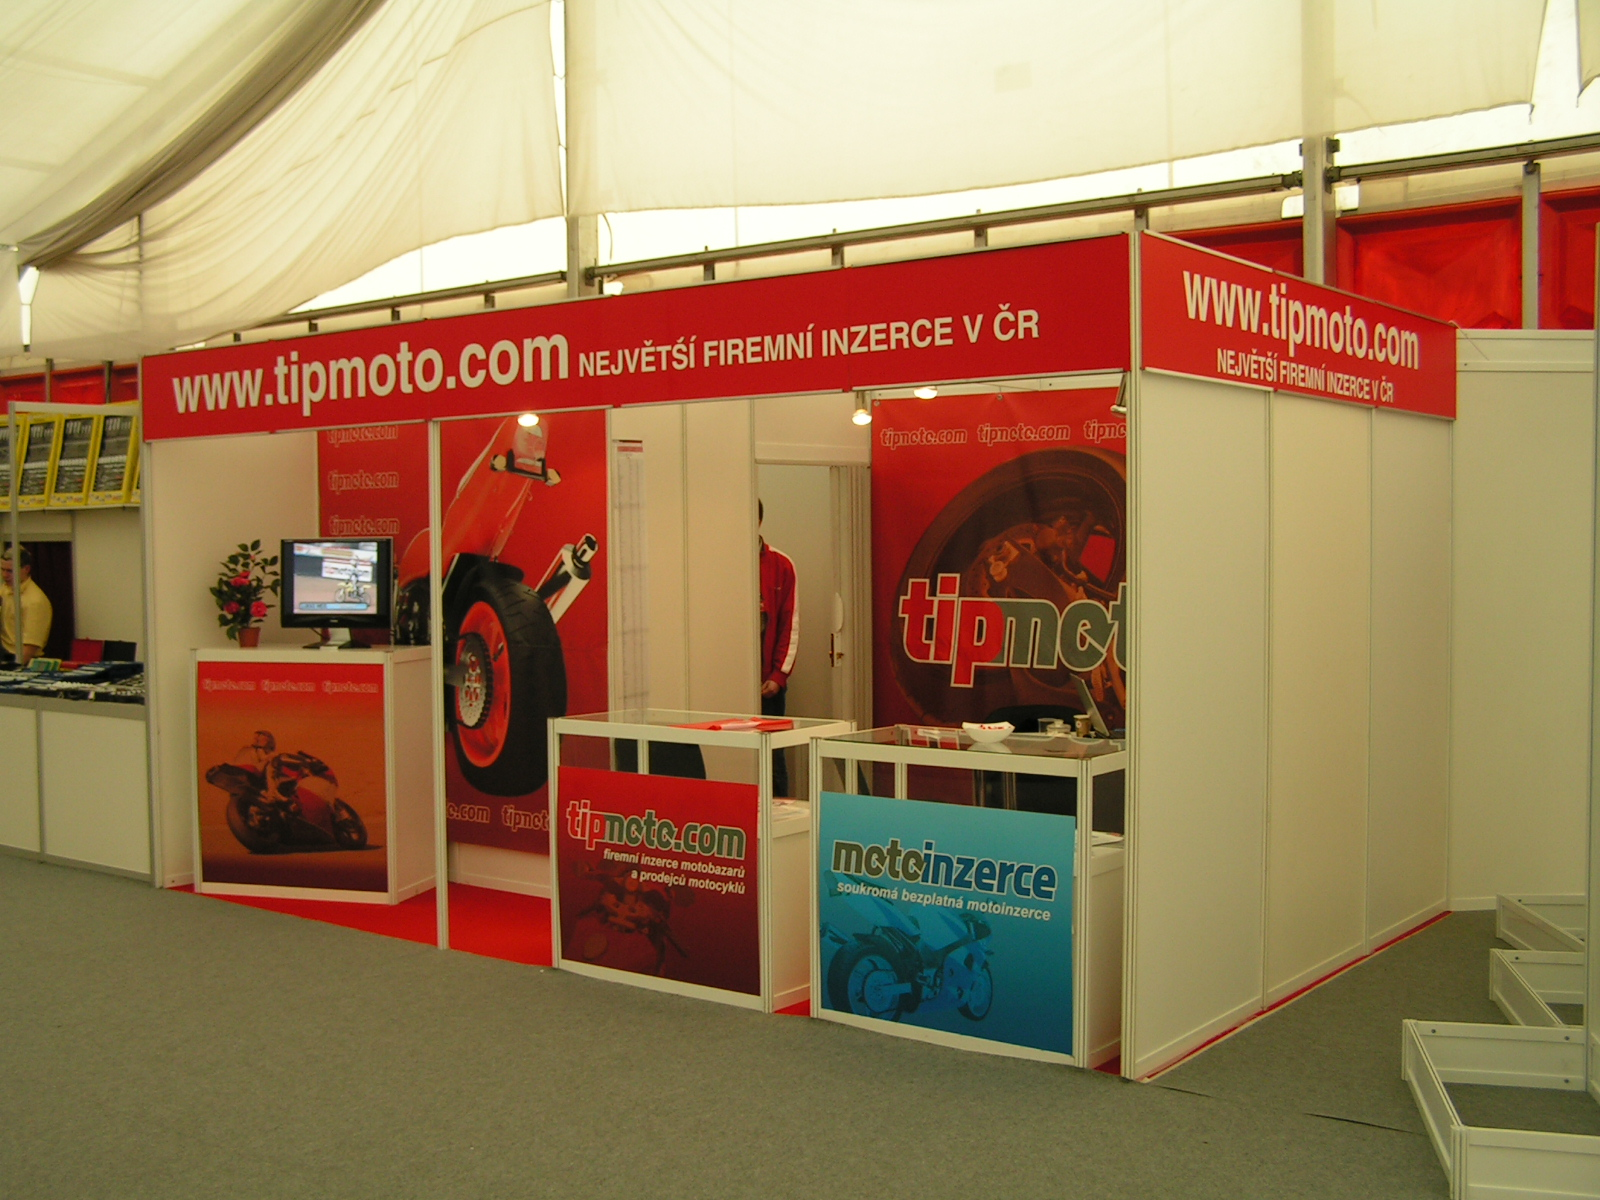 Prezentační stánek tipmoto.com